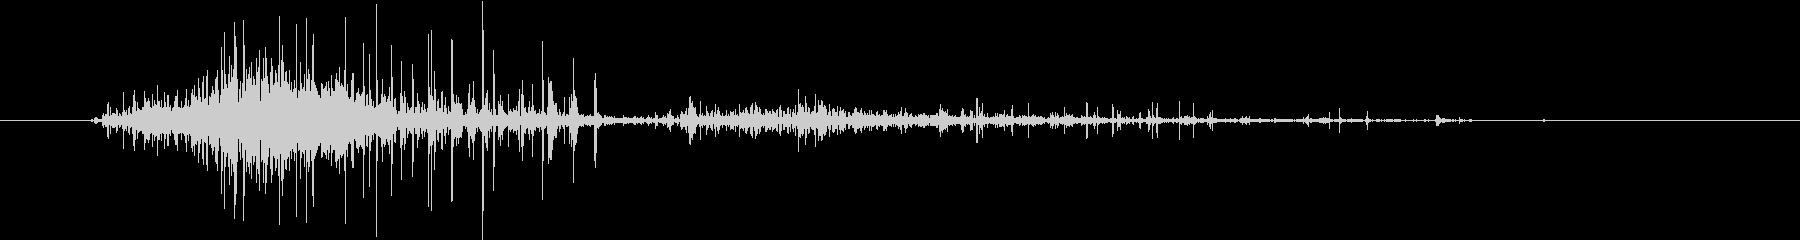 【生録音】スポンジを握る 泡の音 2の未再生の波形